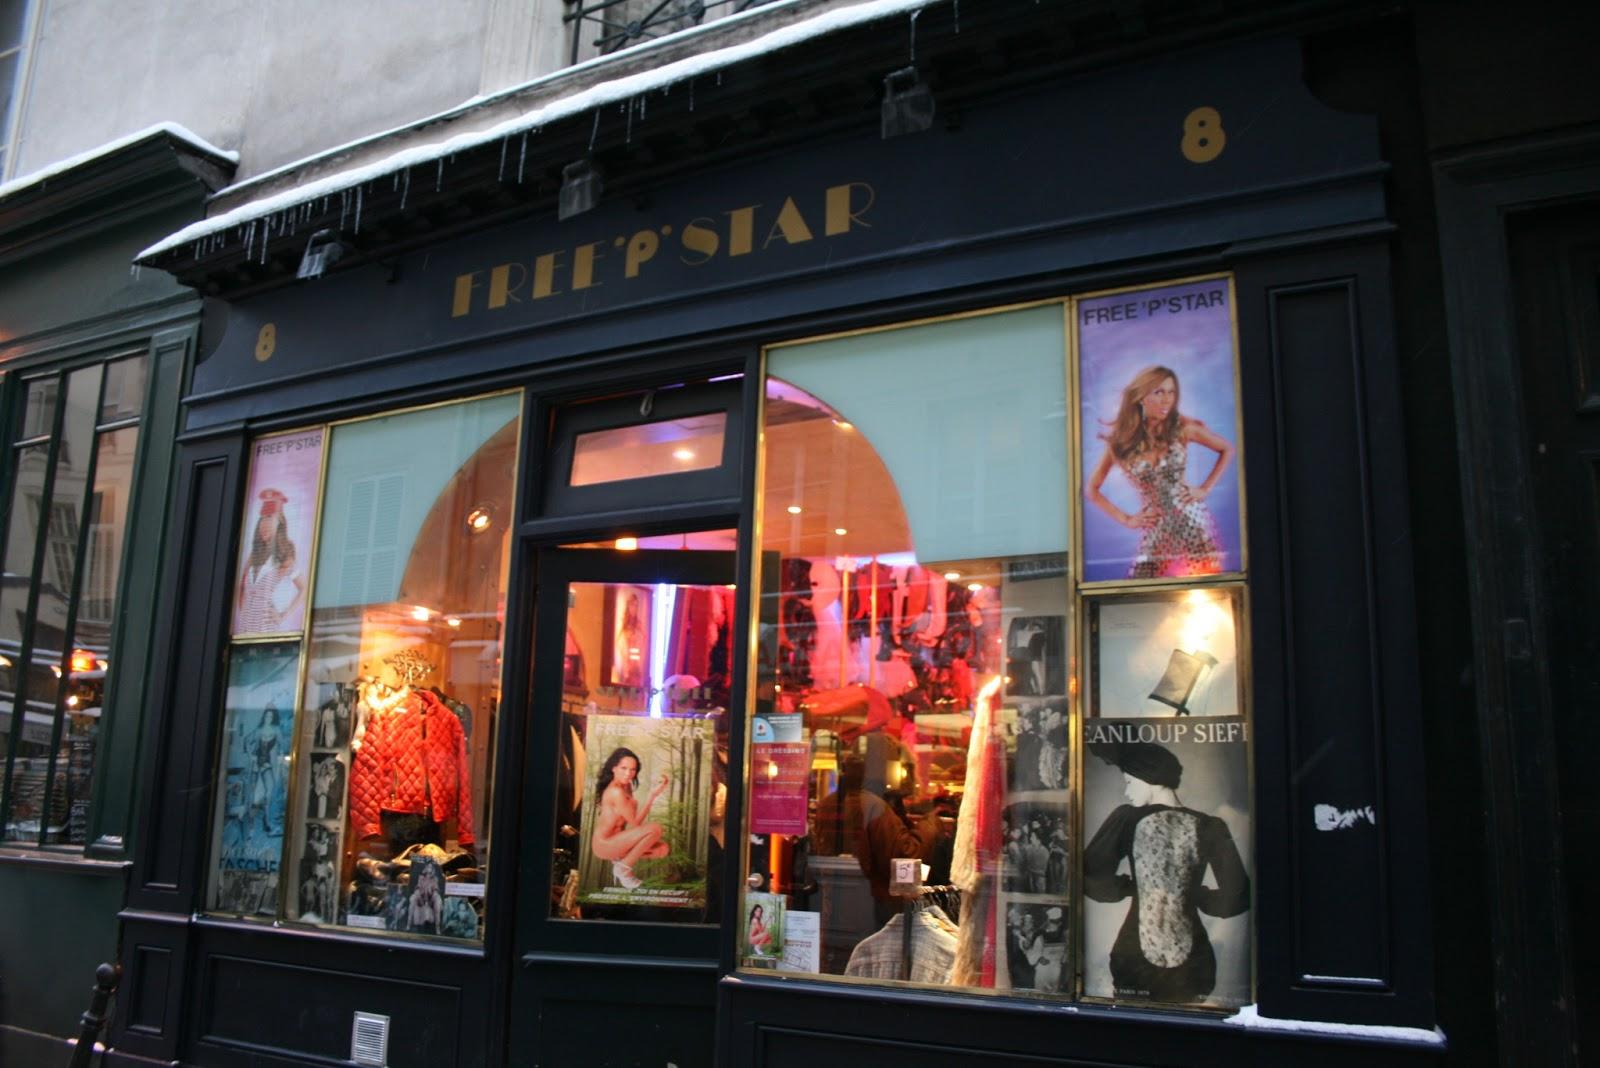 Sadie S Wardrobe Paris Ethical Shopping Guide Free P Star